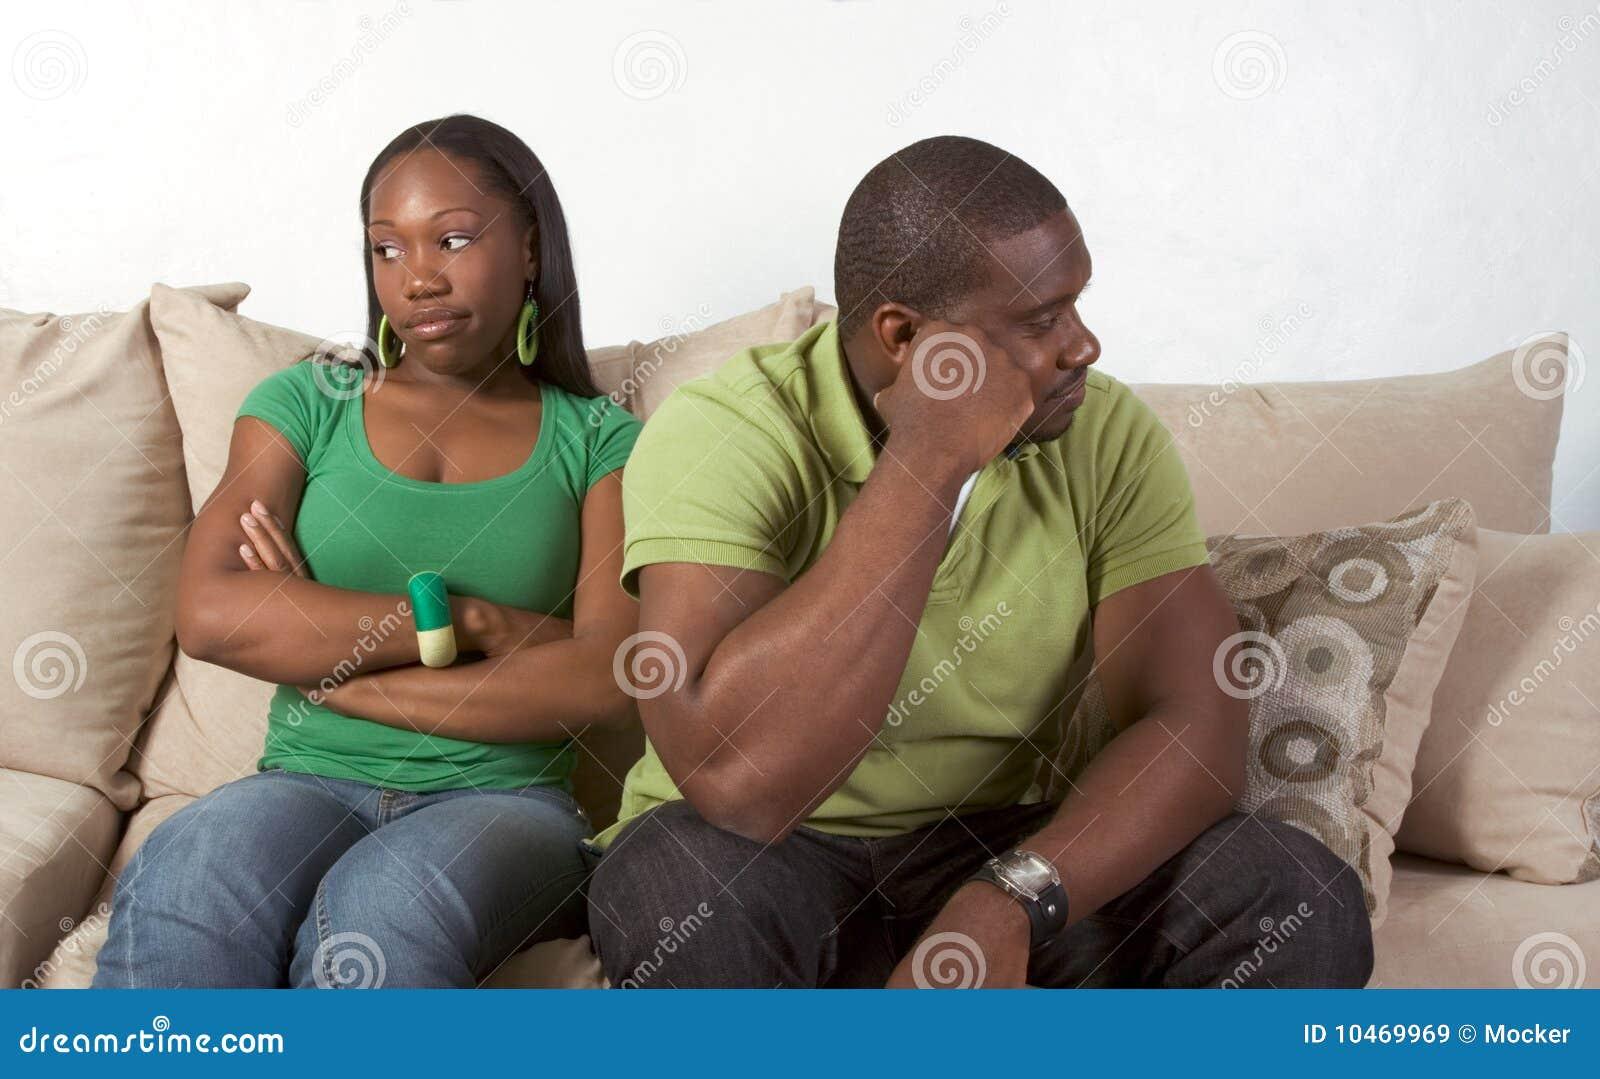 夫妇危机困难家庭关系